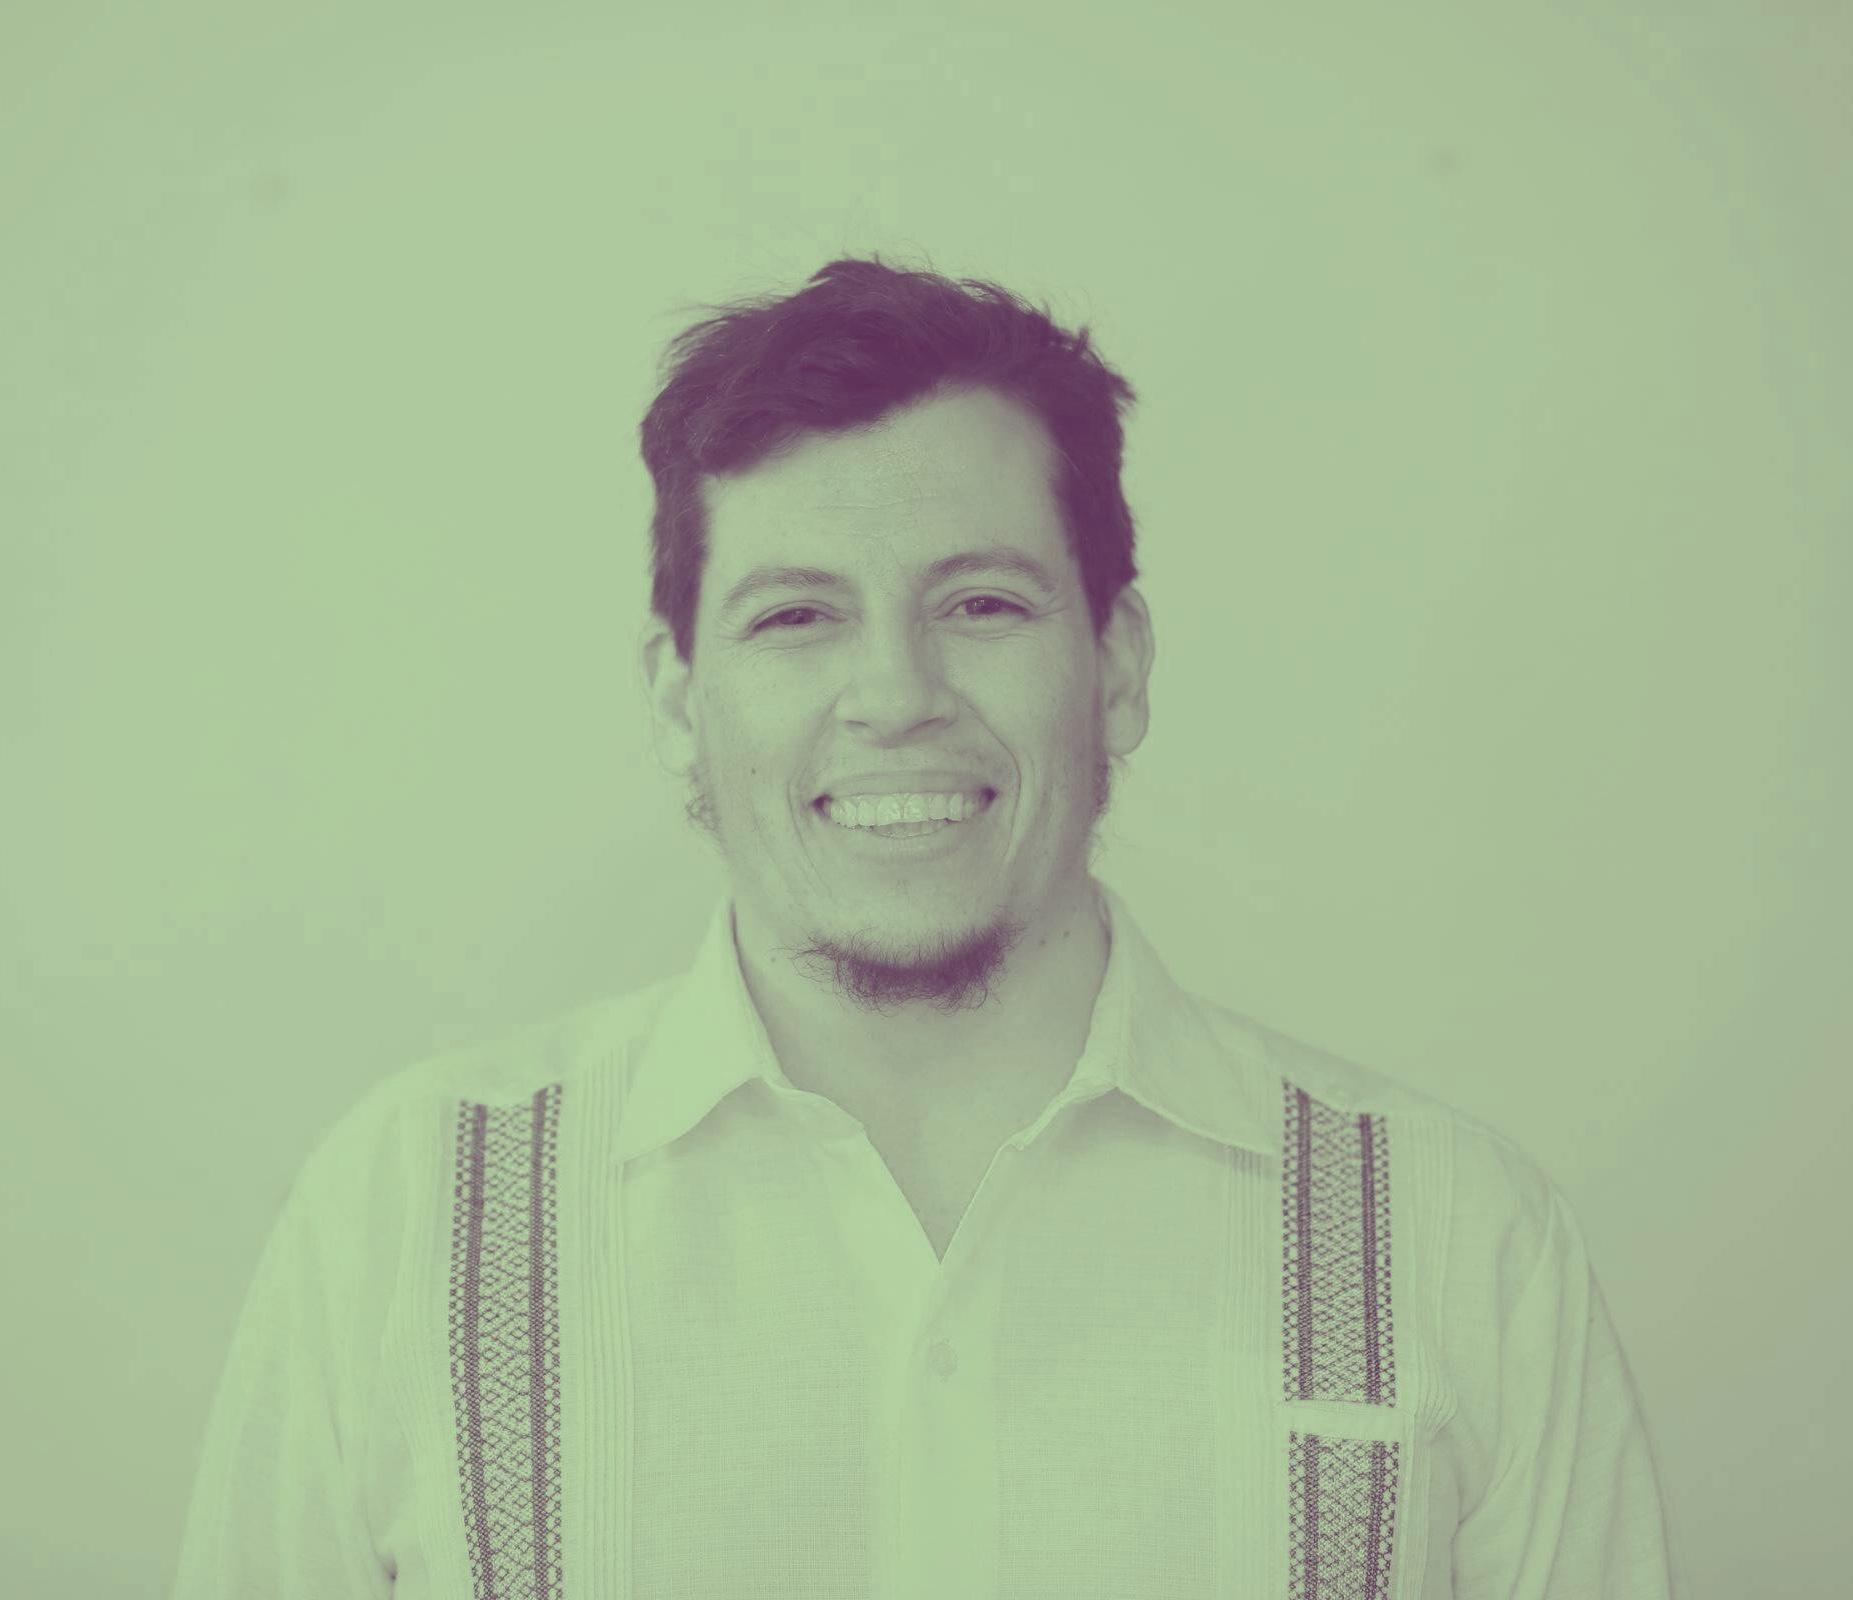 Emiliano de la Maza, sustainable designer and educator